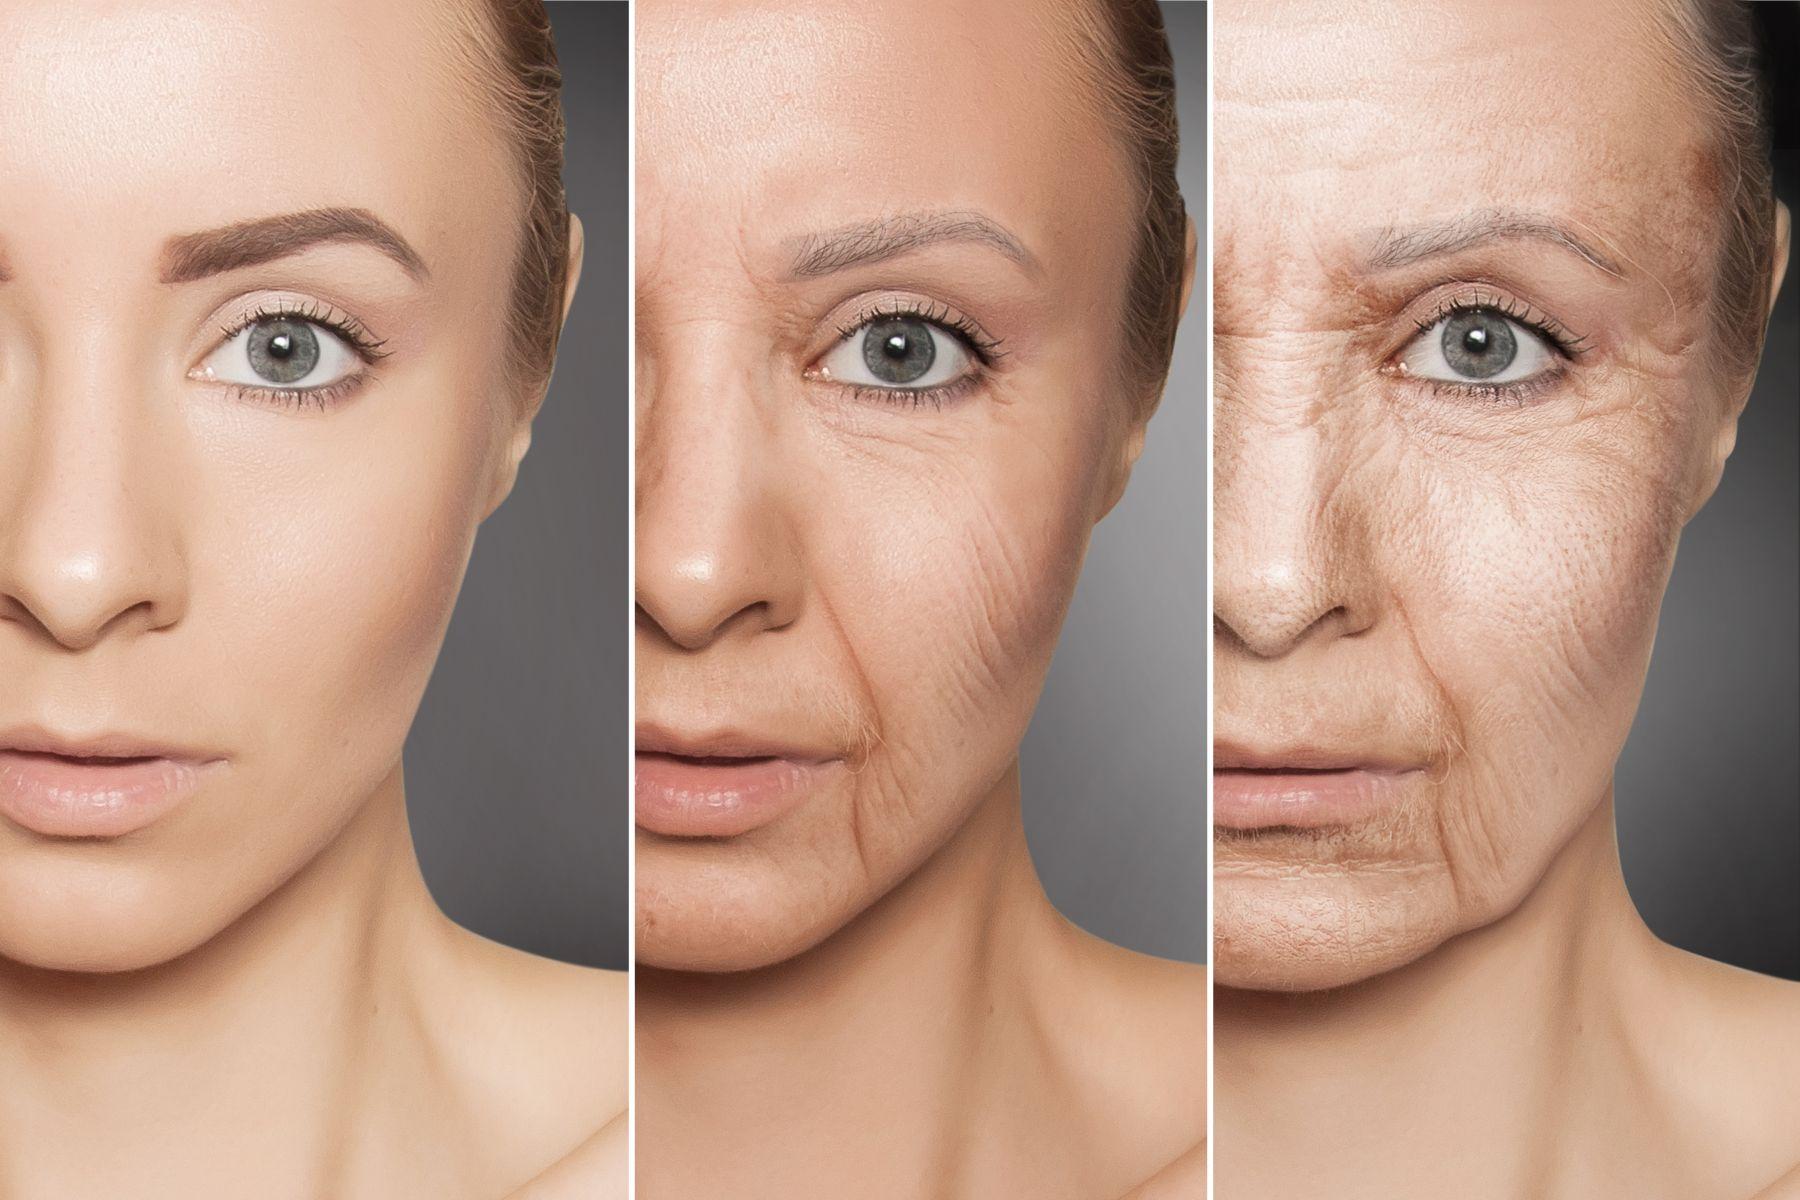 補充女性荷爾蒙!有效防止老化、預防疾病